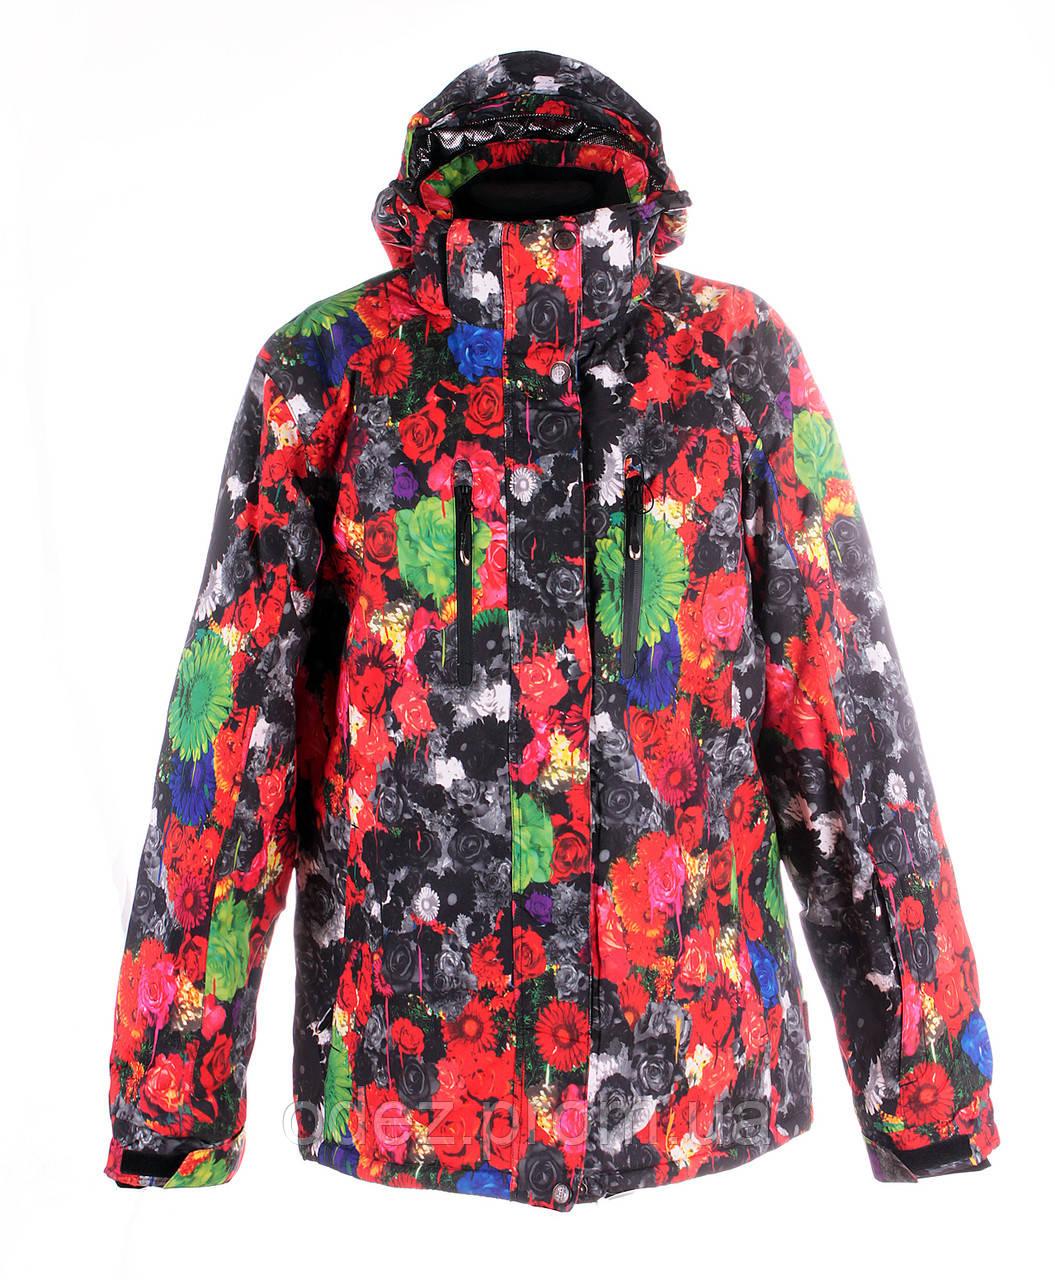 129e7293fdf2 Женская горнолыжная(лыжная) куртка Snow headquarter c Omni-Heat -  Интернет-магазин